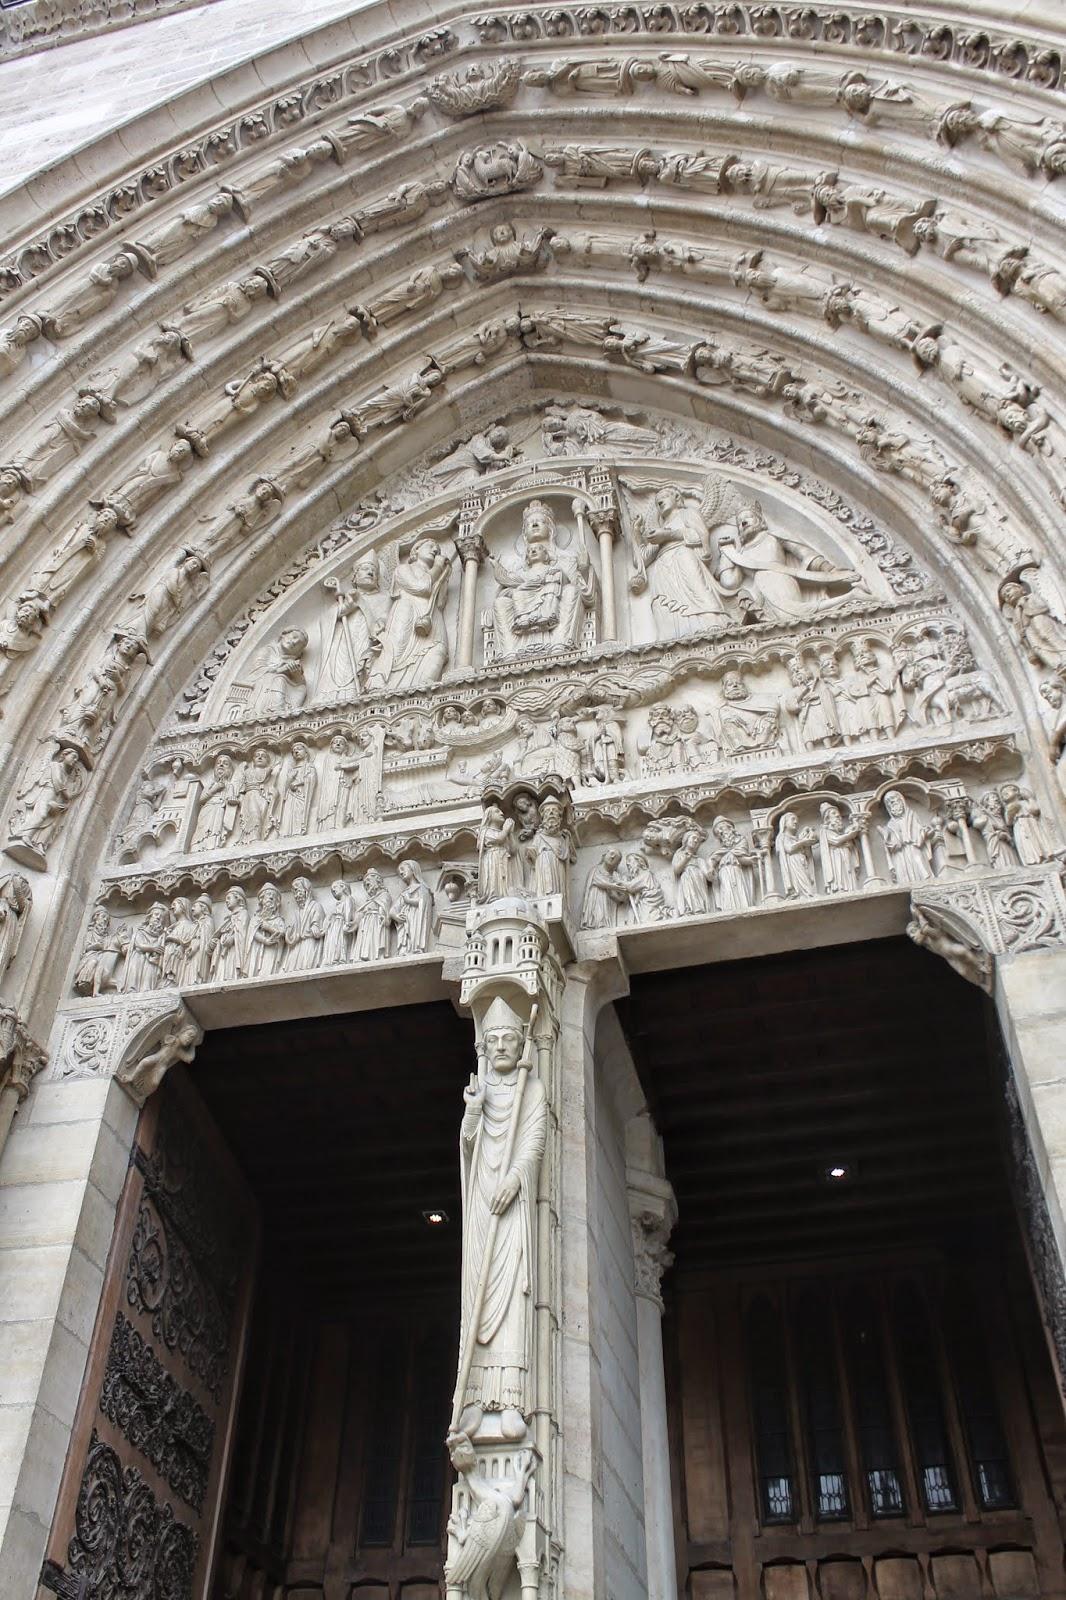 Entre Comillas: CARTE POSTALE DE PARIS X: Notre Dame